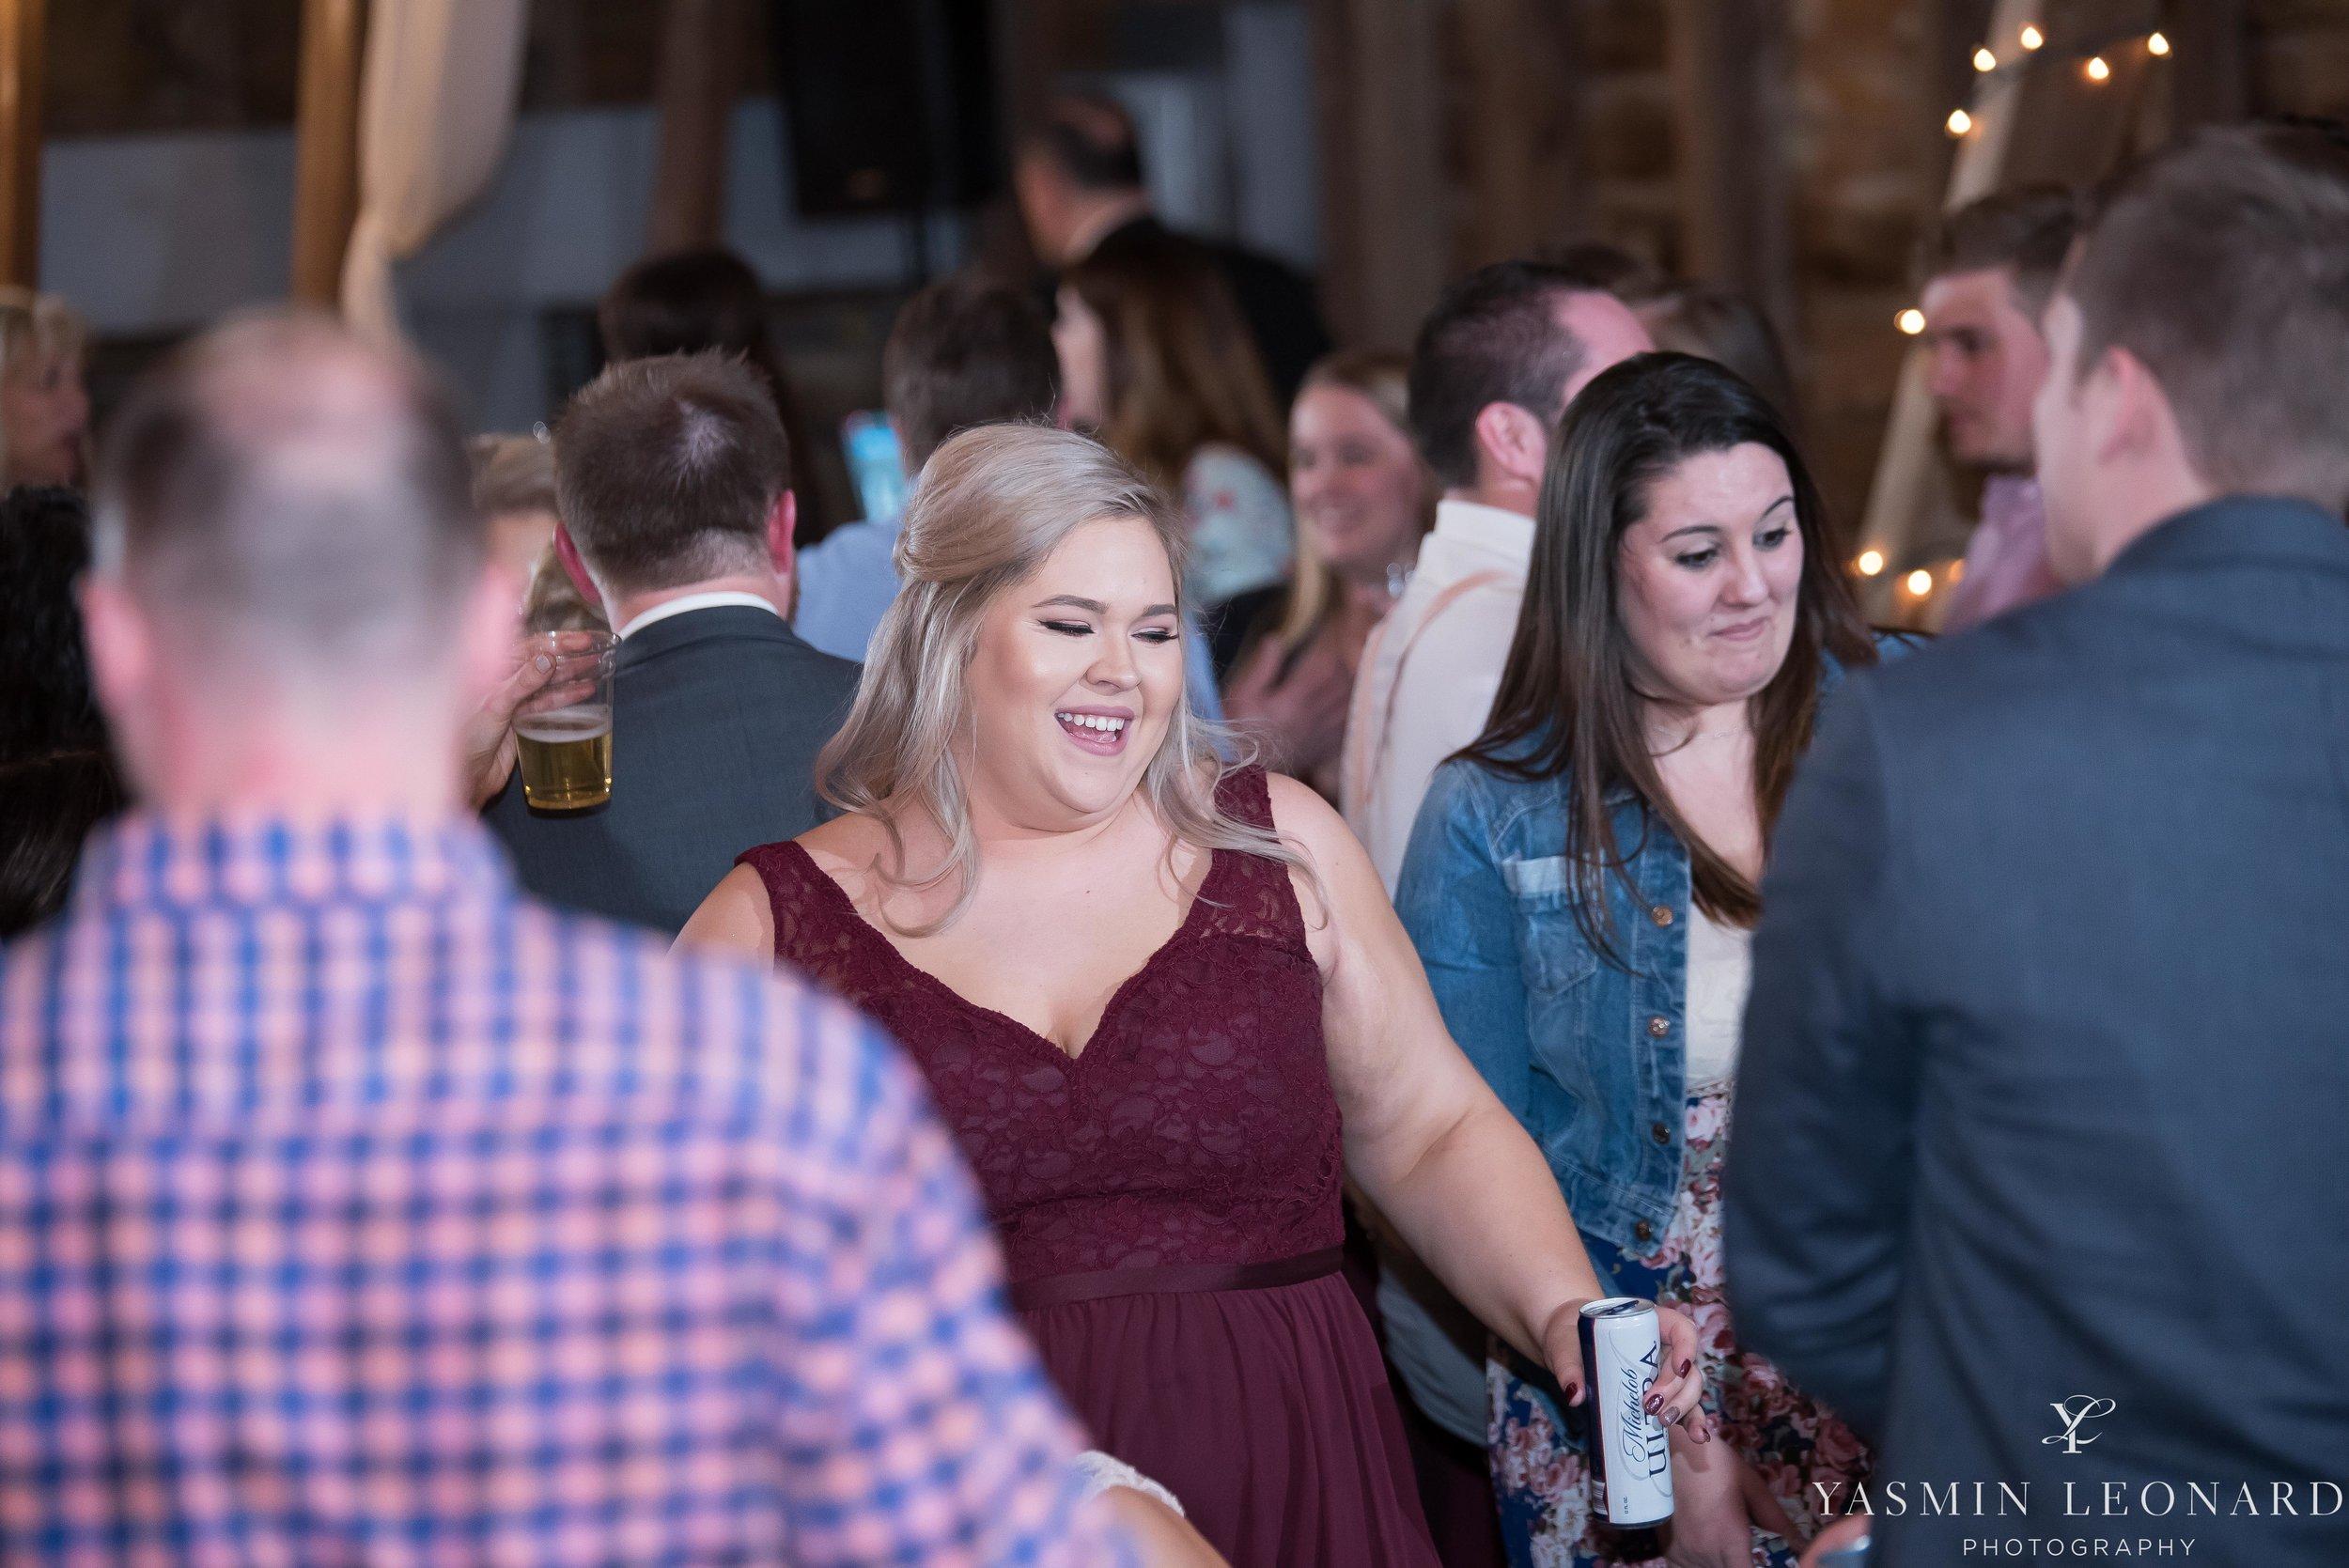 Millikan Farms - Millikan Farms Wedding - Sophia NC Wedding - NC Wedding - NC Wedding Photographer - Yasmin Leonard Photography - High Point Photographer - Barn Wedding - Wedding Venues in NC - Triad Wedding Photographer-80.jpg